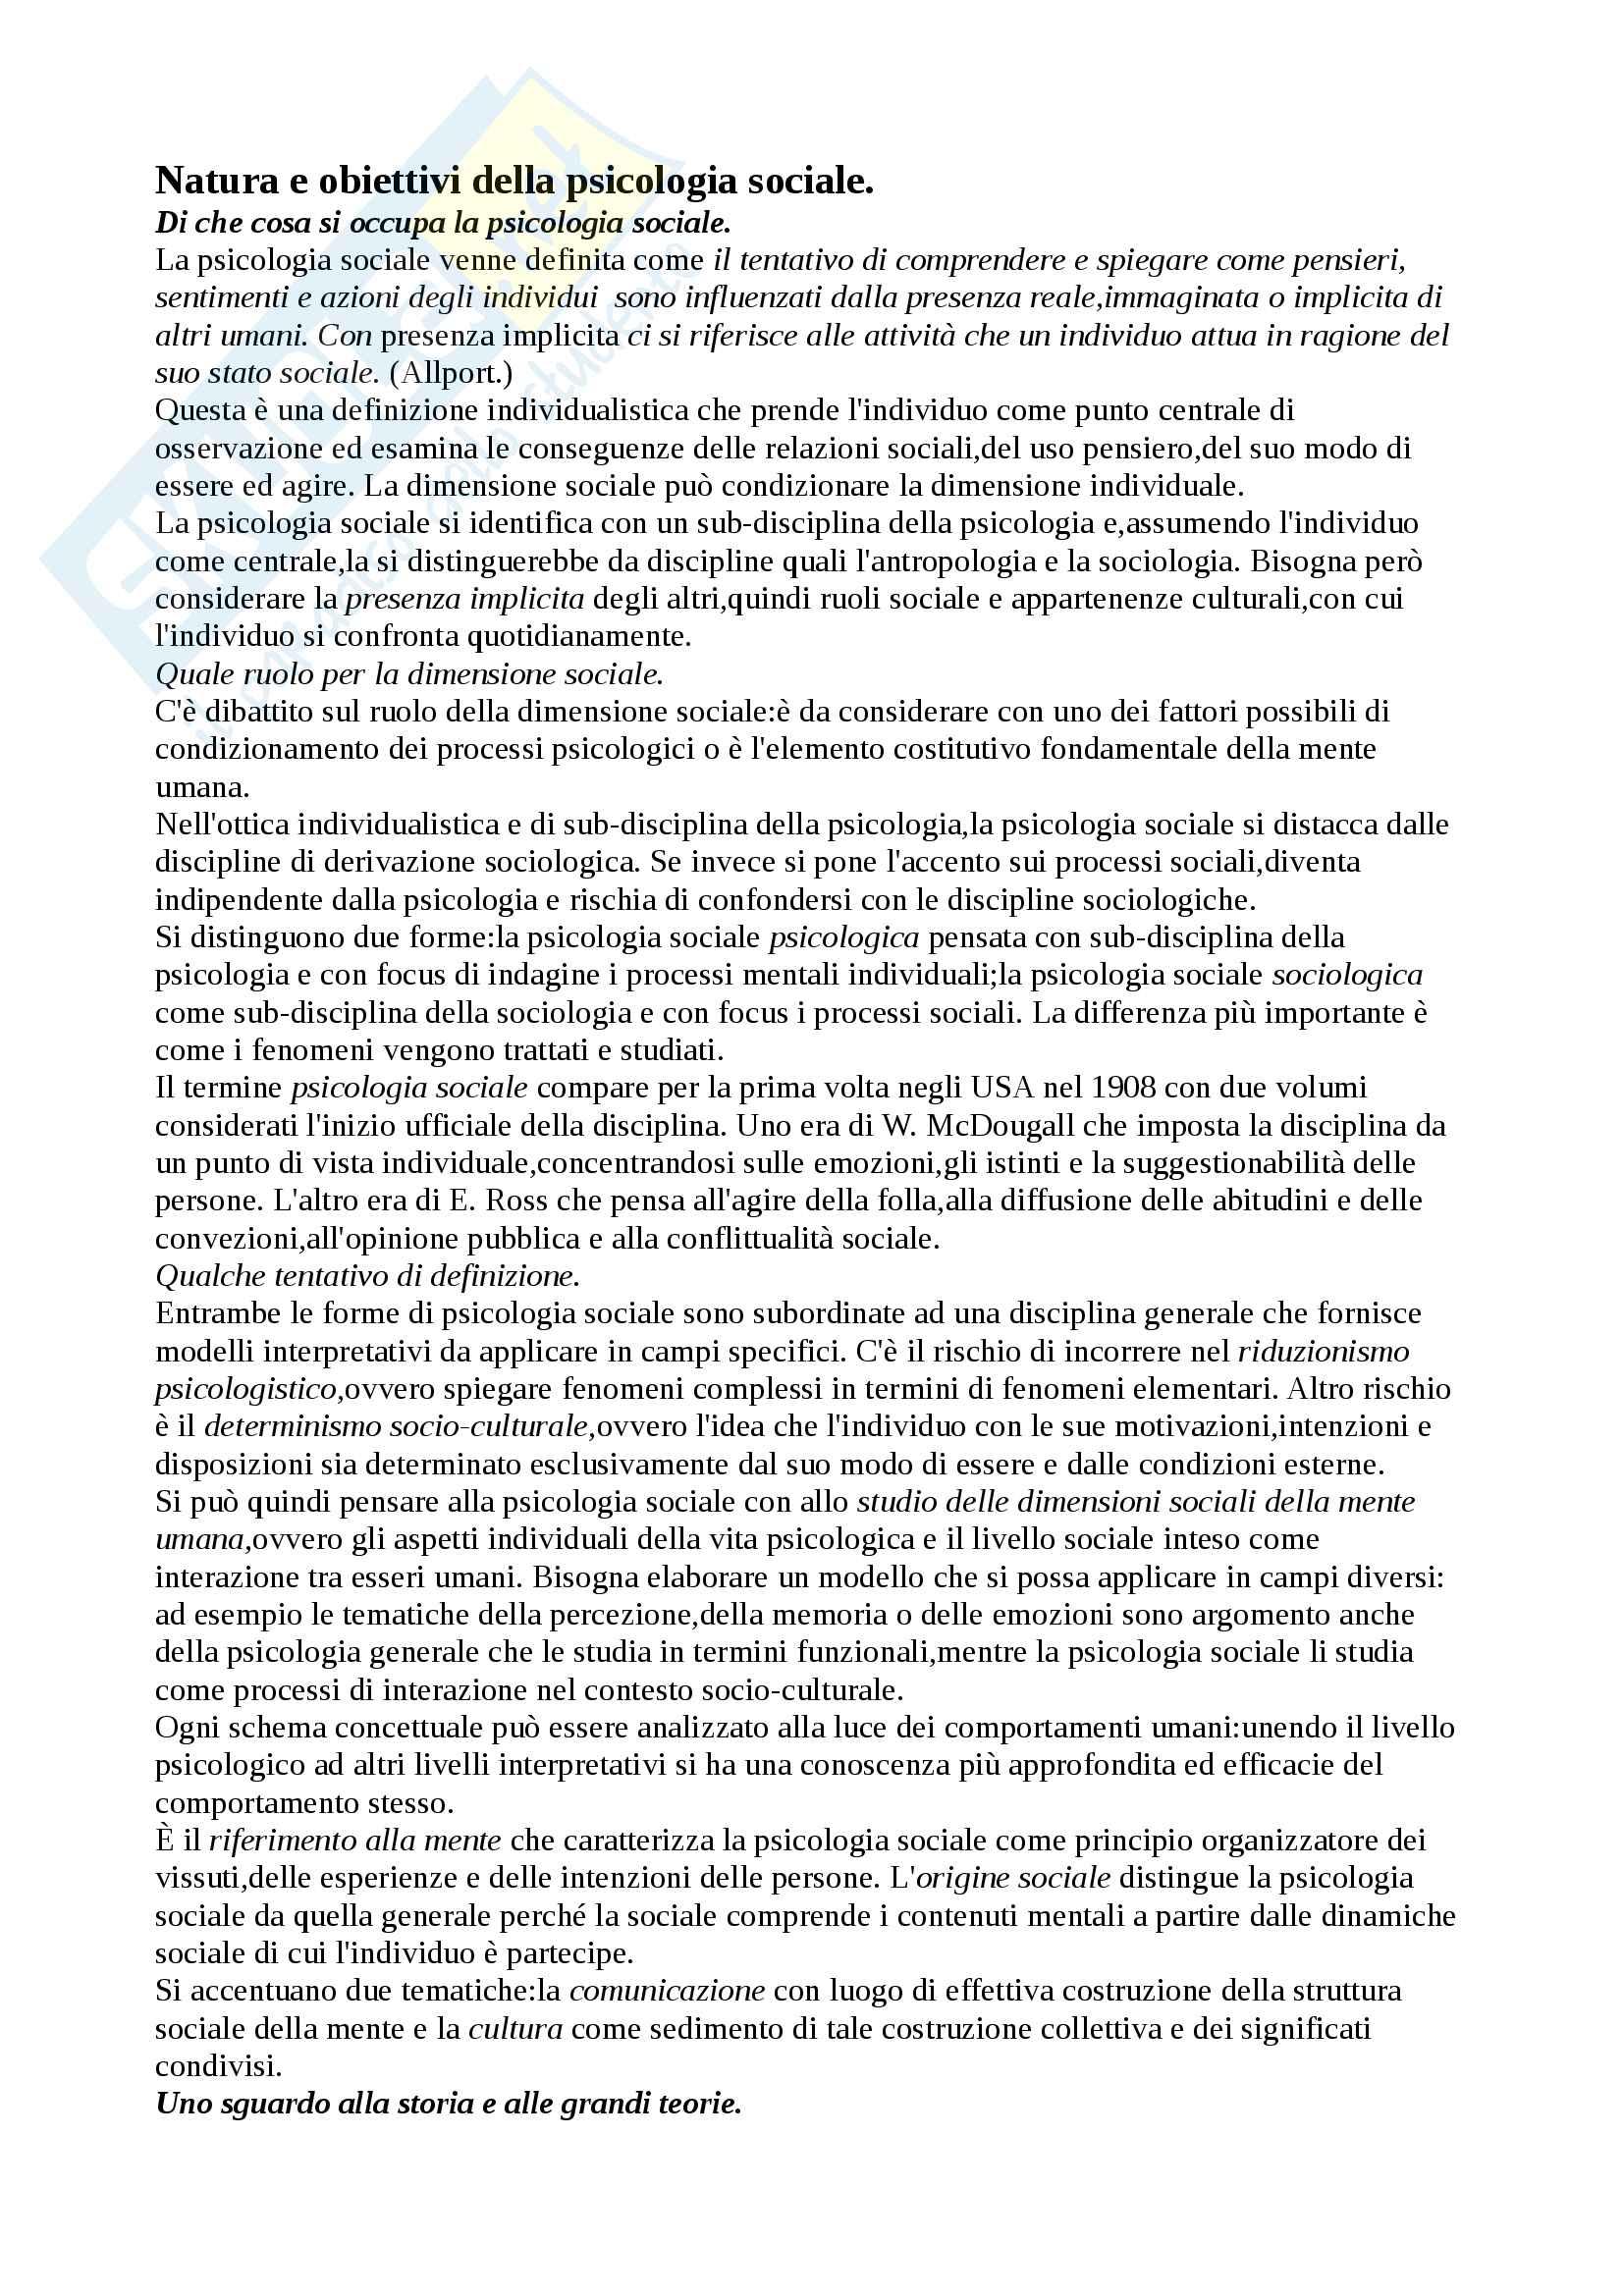 Riassunto esame psicologia sociale edambientale del prof. Inghilleri, libro consigliato La psicologia sociale di G. Leone, B.M. Mazzara, M. Sarrica